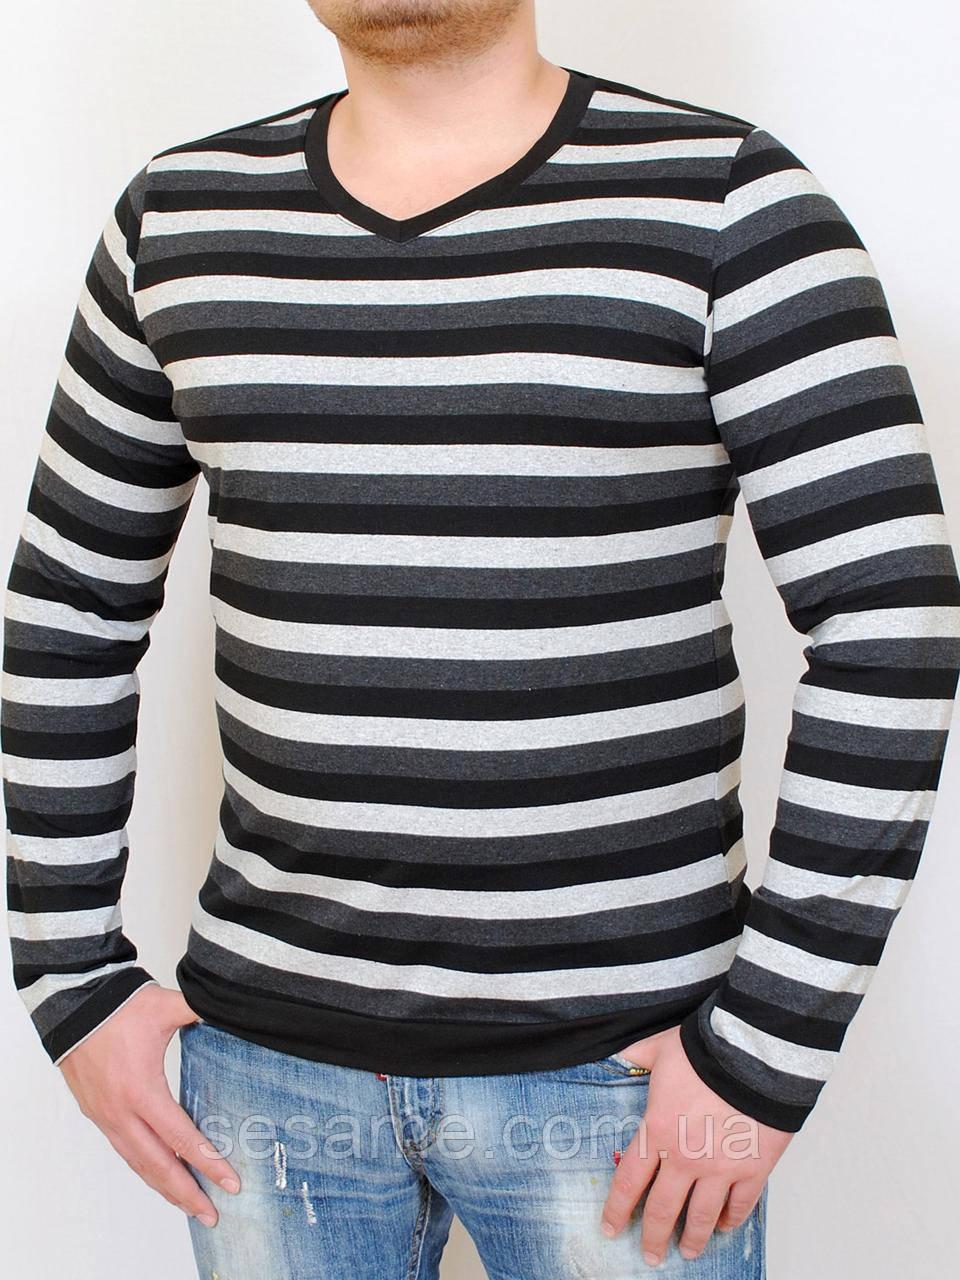 grand ua COOPER  футболка длинный рукав